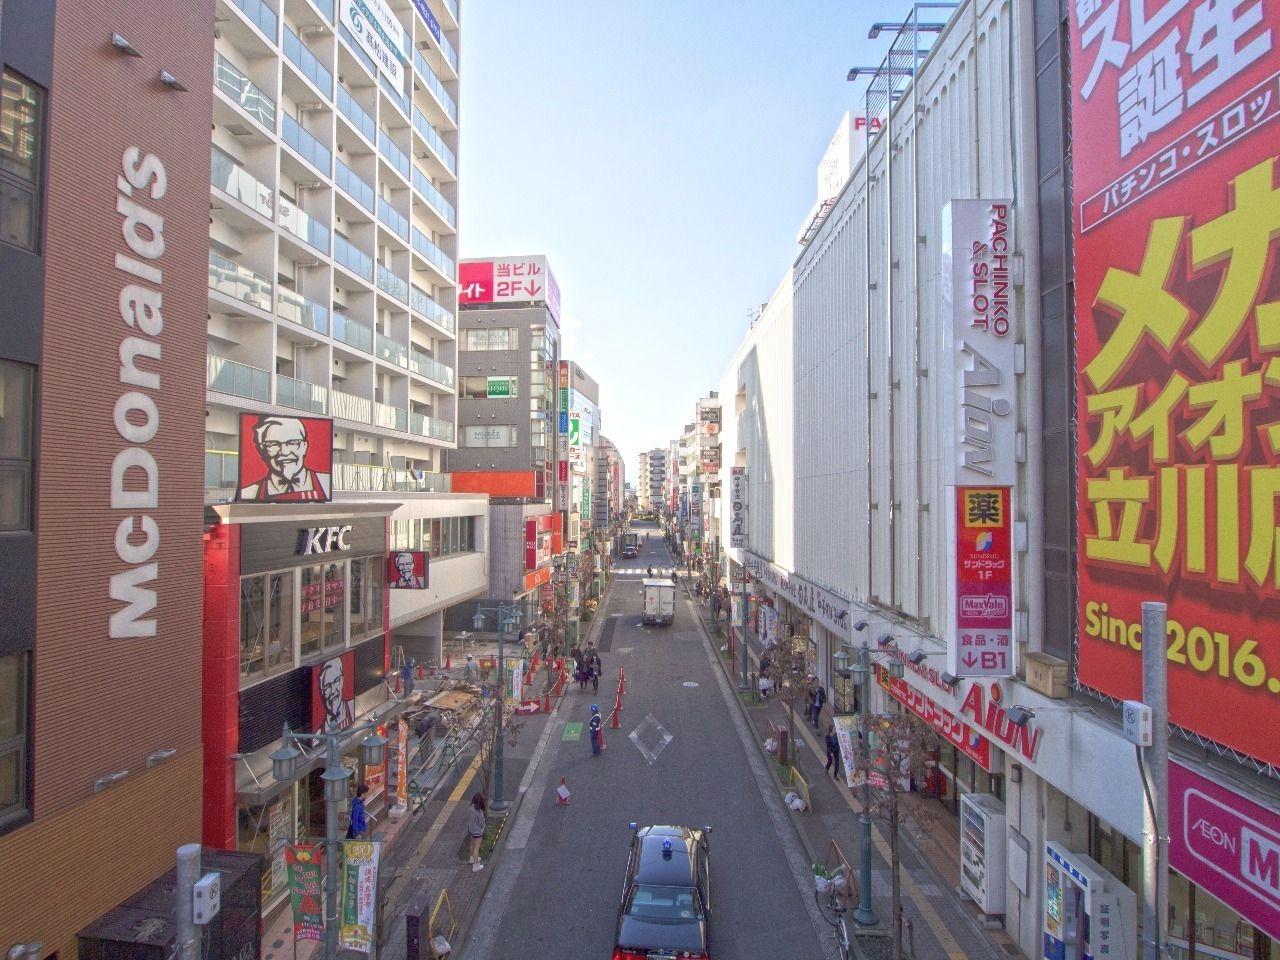 立川駅南口前に広がる商店街はお買い物に便利なお店多数あり